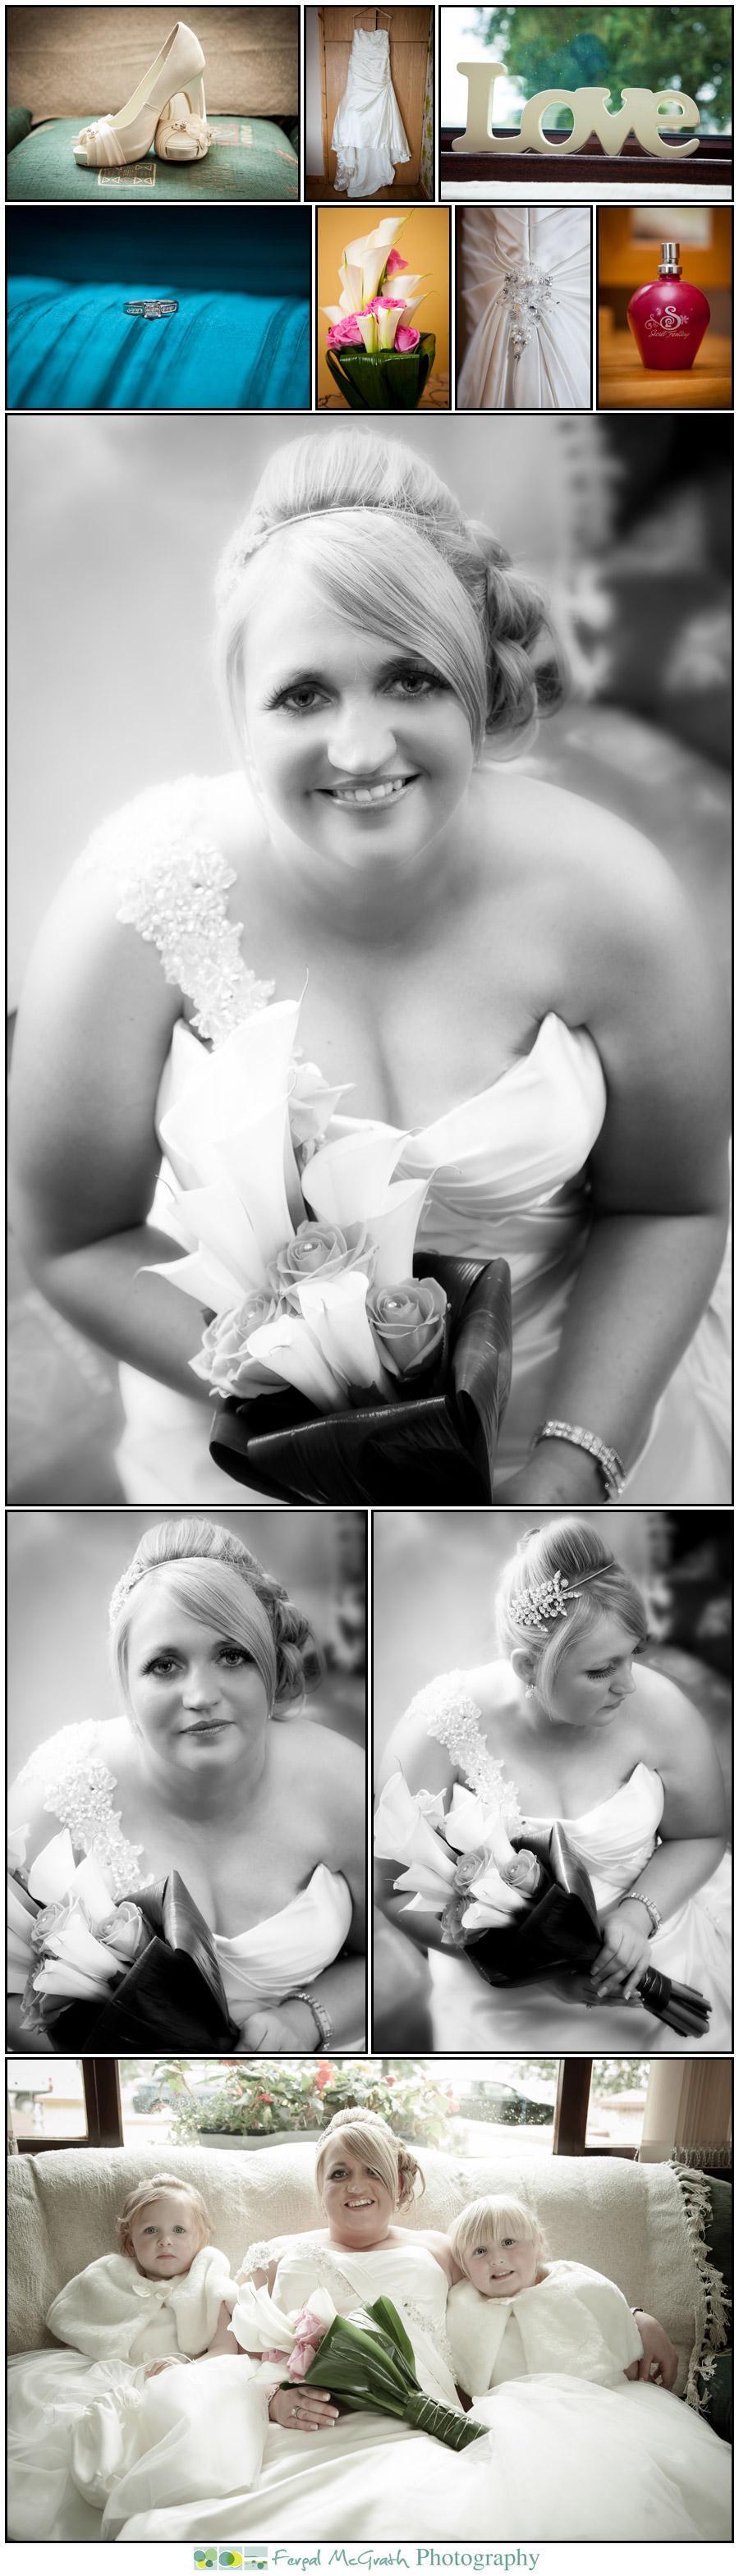 Diane and Martin Gavigan wedding photos